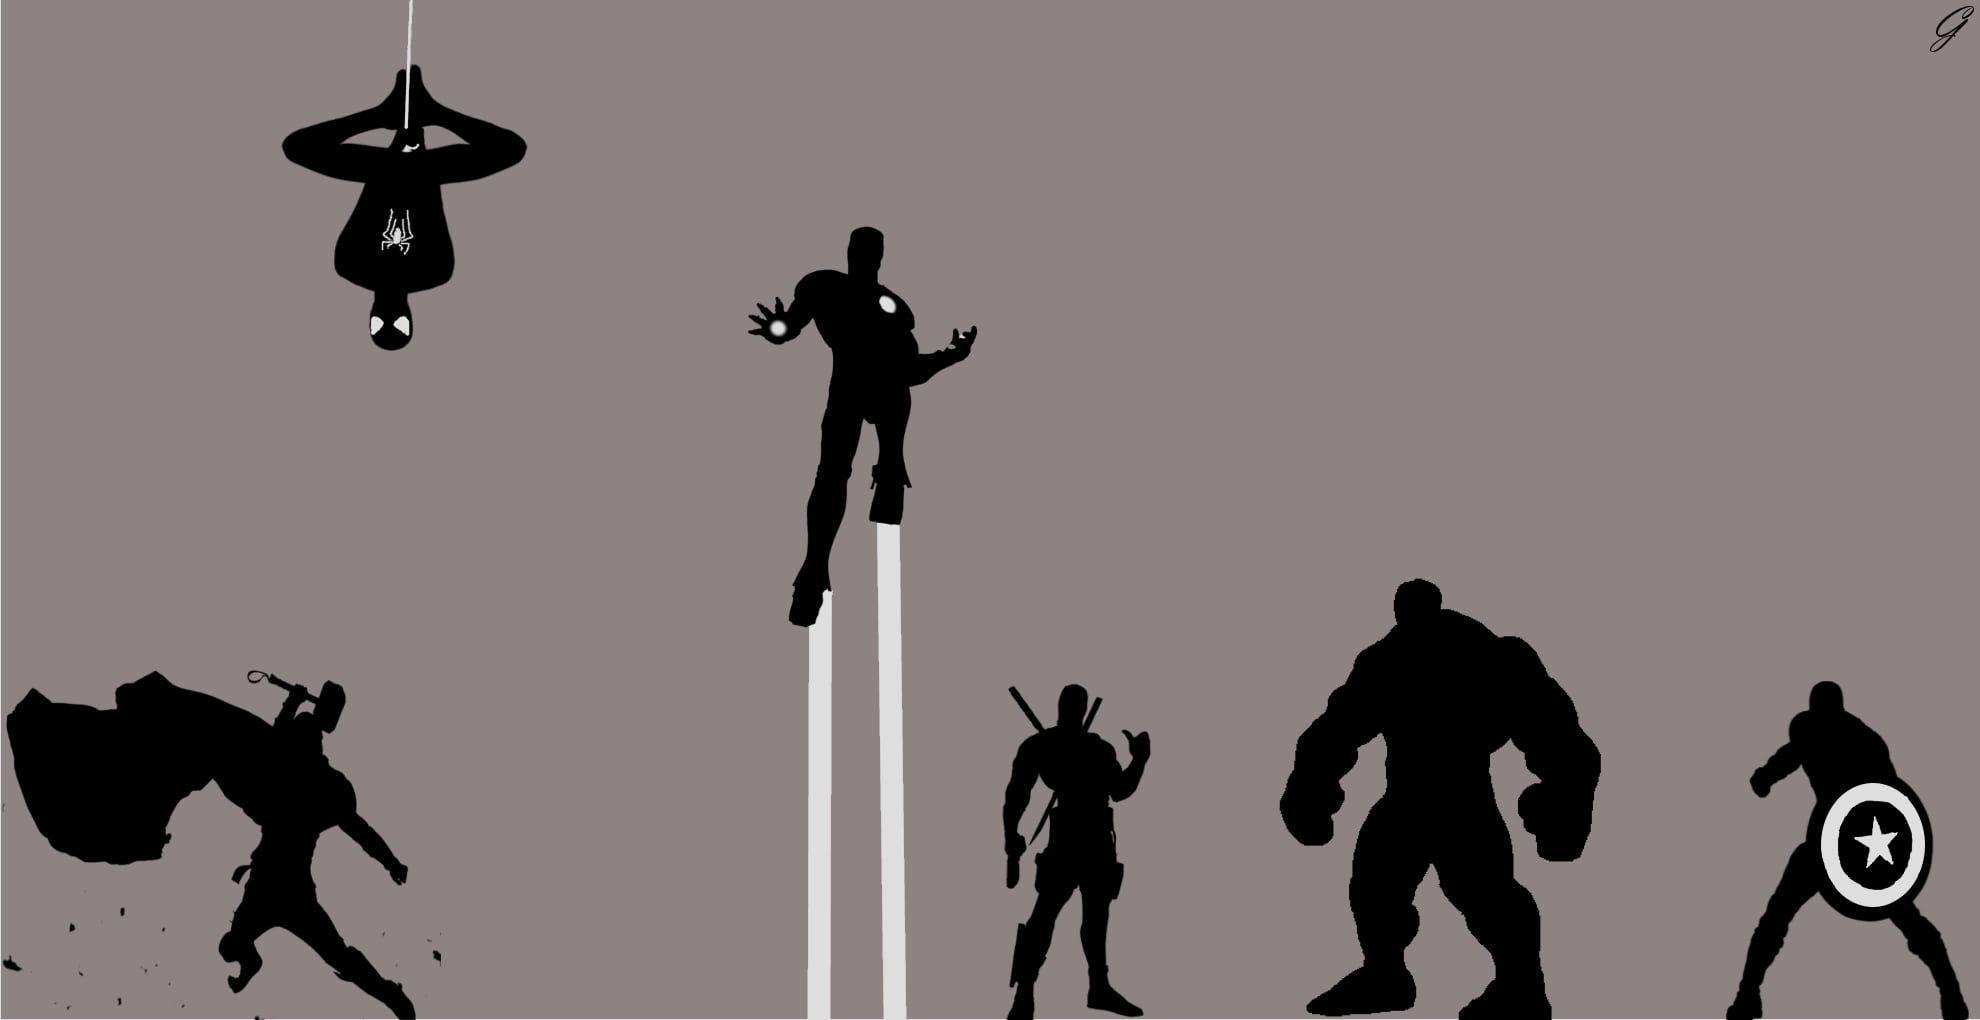 Marvel Avengers digital wallpaper, Thor 2: The Dark World, Avengers: Age of Ultron • Wallpaper For You HD Wallpaper For Desktop & Mobile